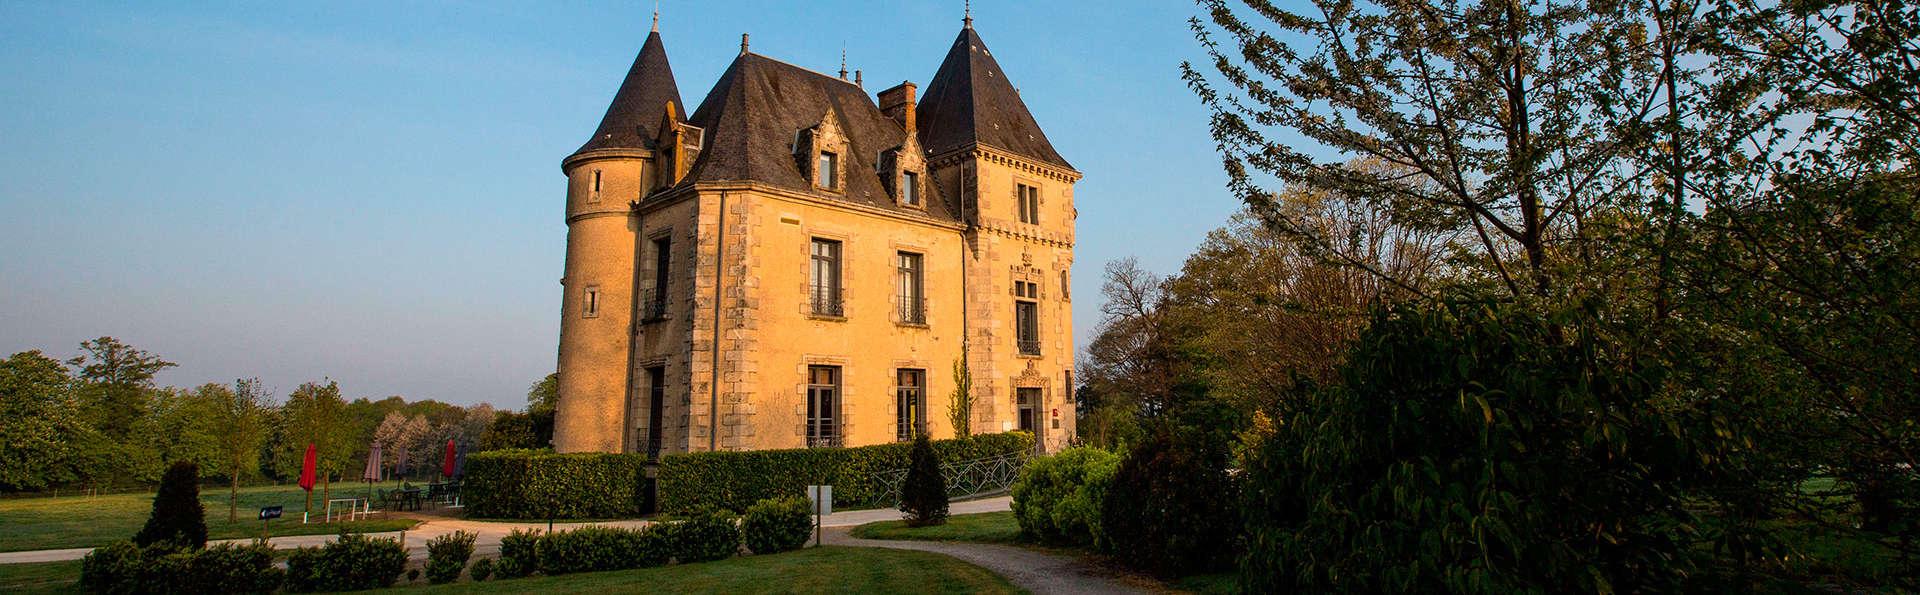 Week-end dans un château près des Sables-d'Olonnes